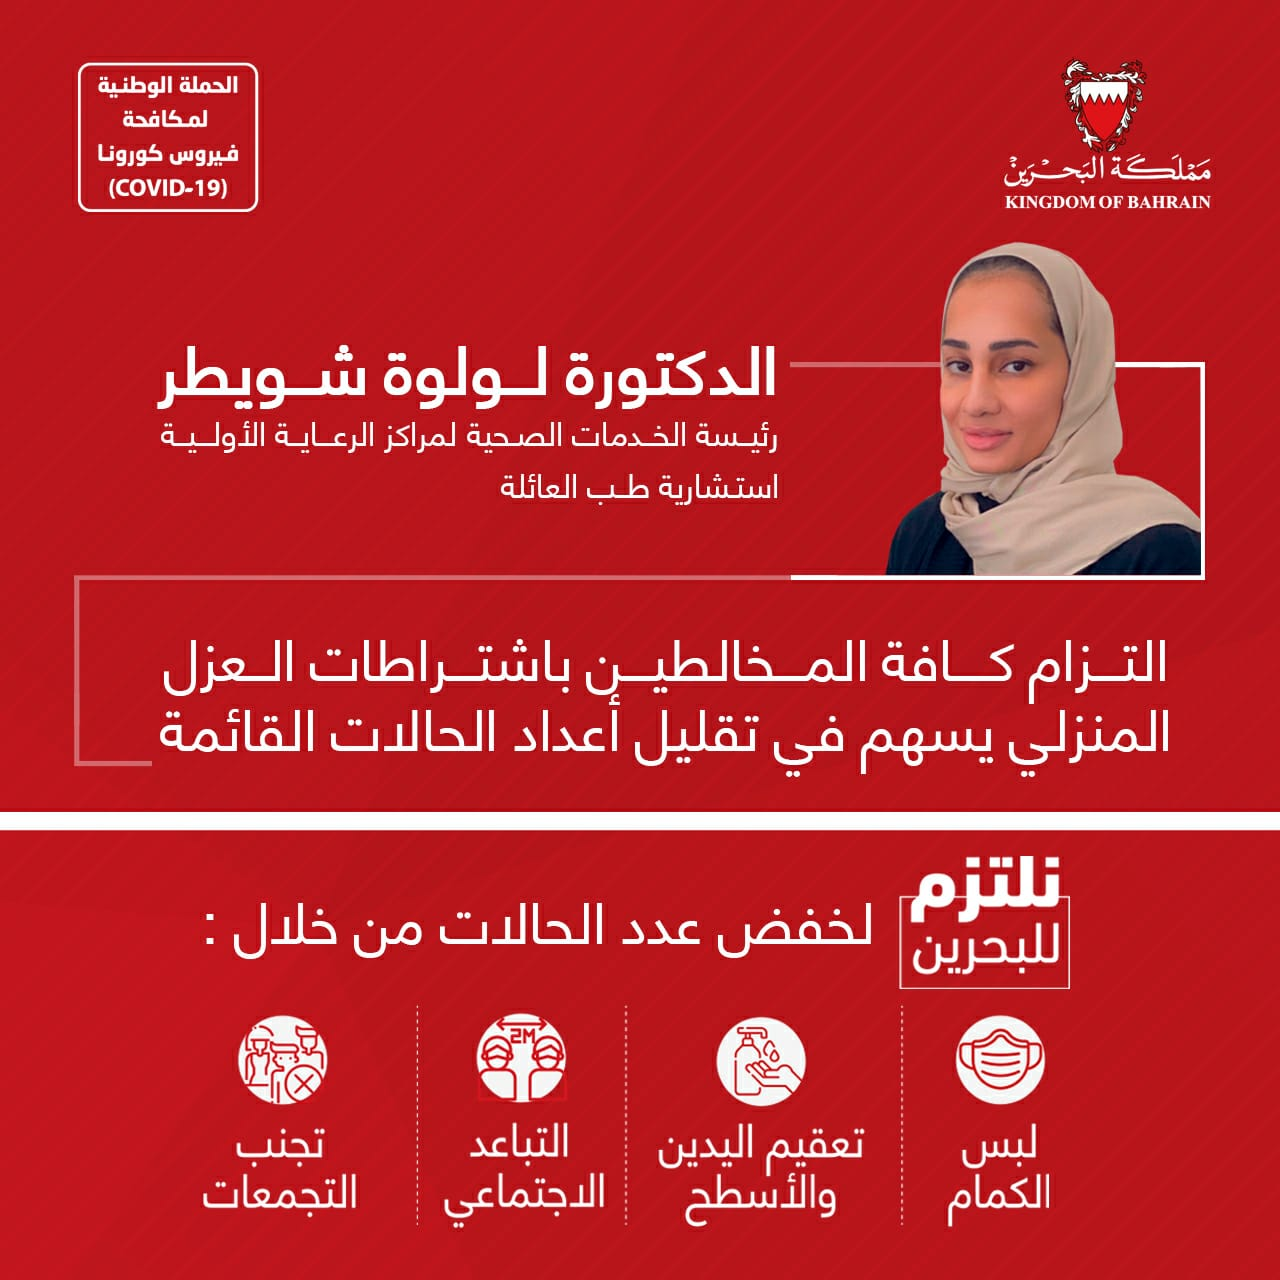 الدكتورة لولوة شويطر: التزام كافة المخالطين باشتراطات العزل المنزلي يسهم في تقليل أعداد الحالات القائمة